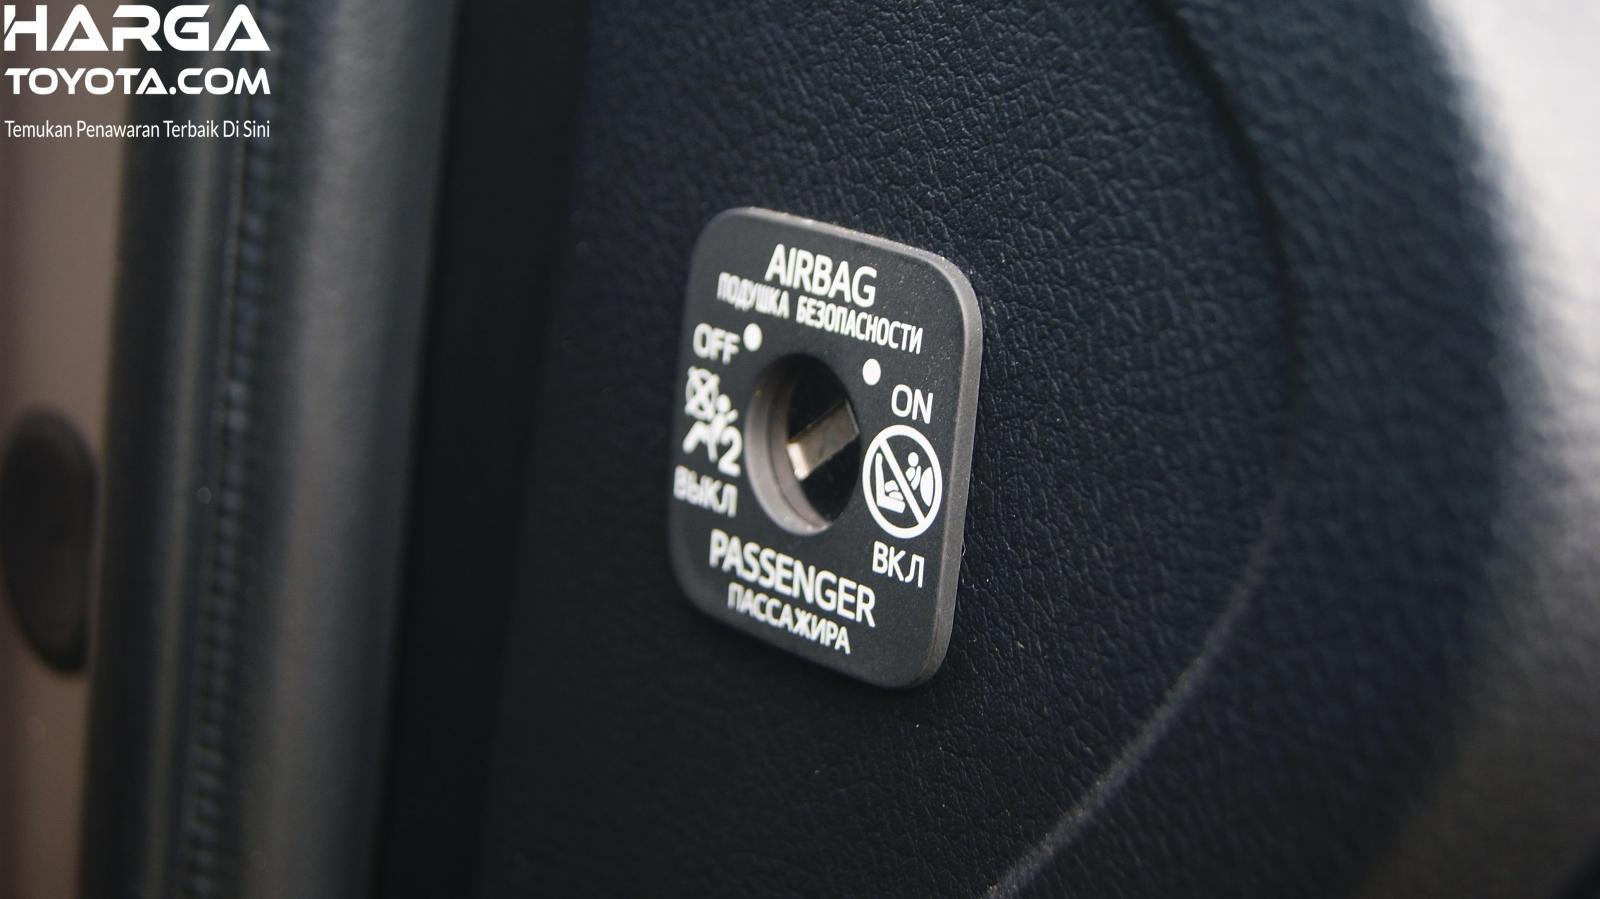 Tampak sebuah kenop untuk menonaktifkan airbag penumpang depan